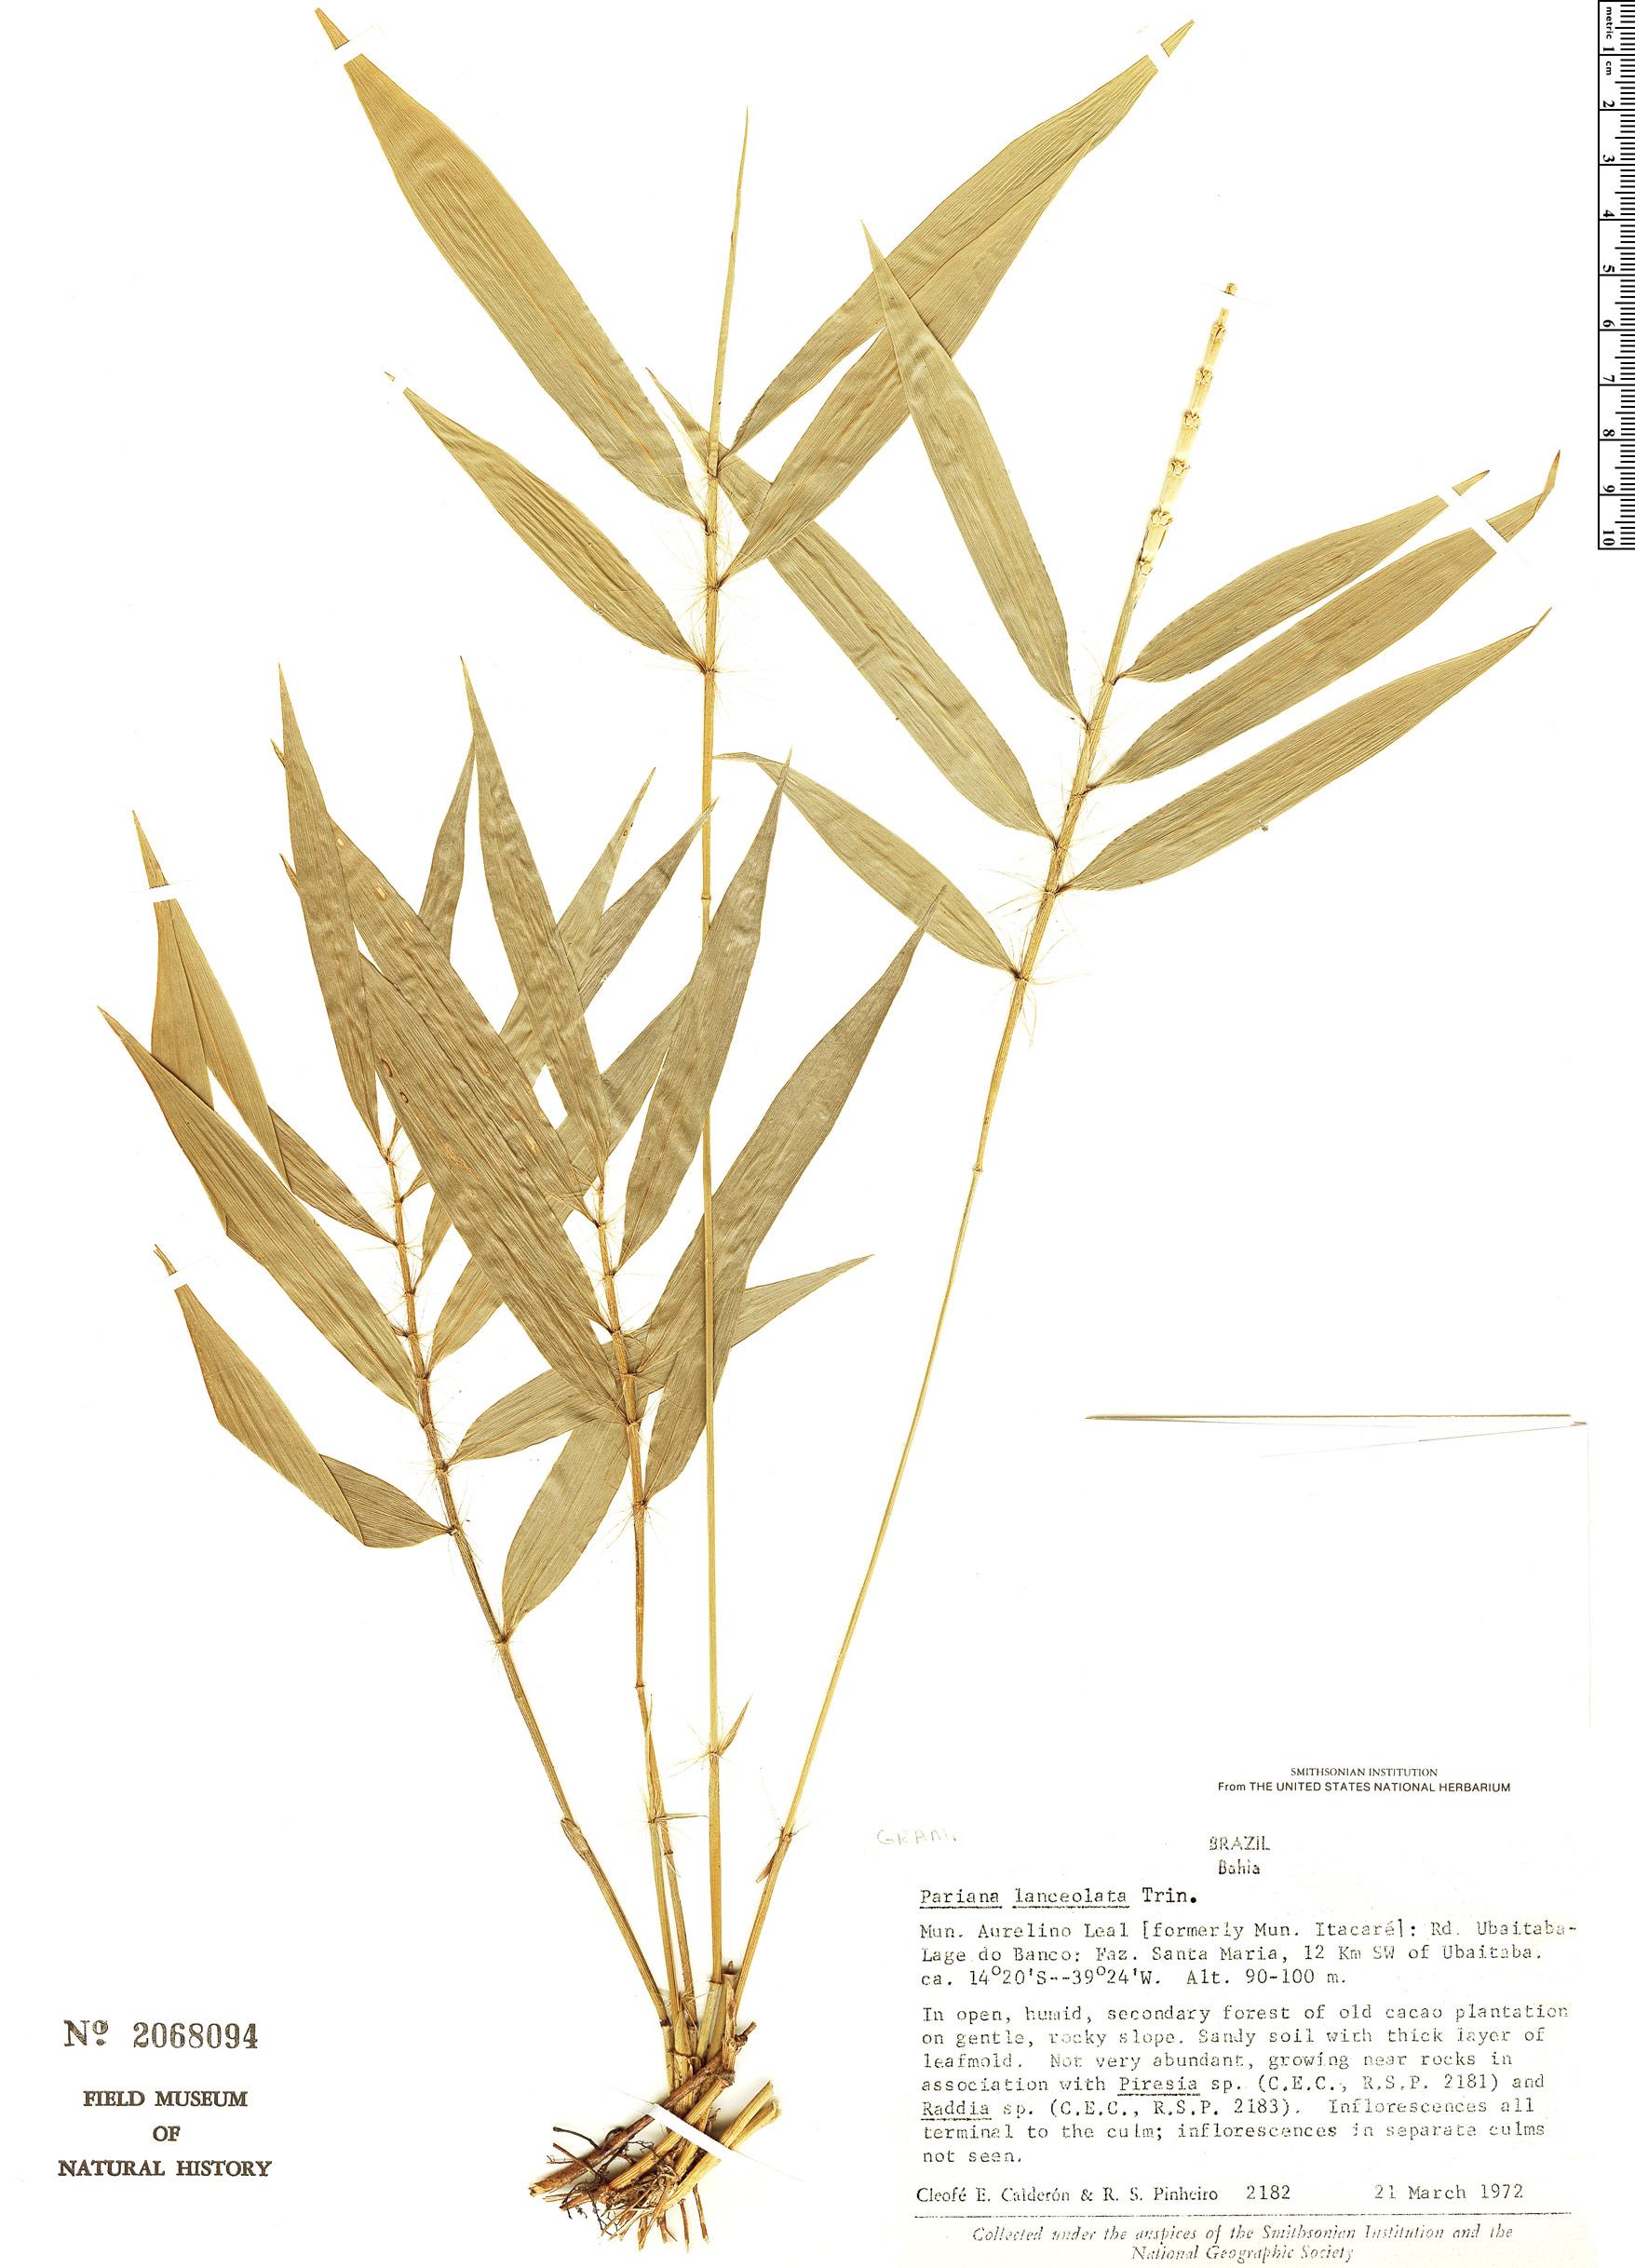 Specimen: Pariana lanceolata